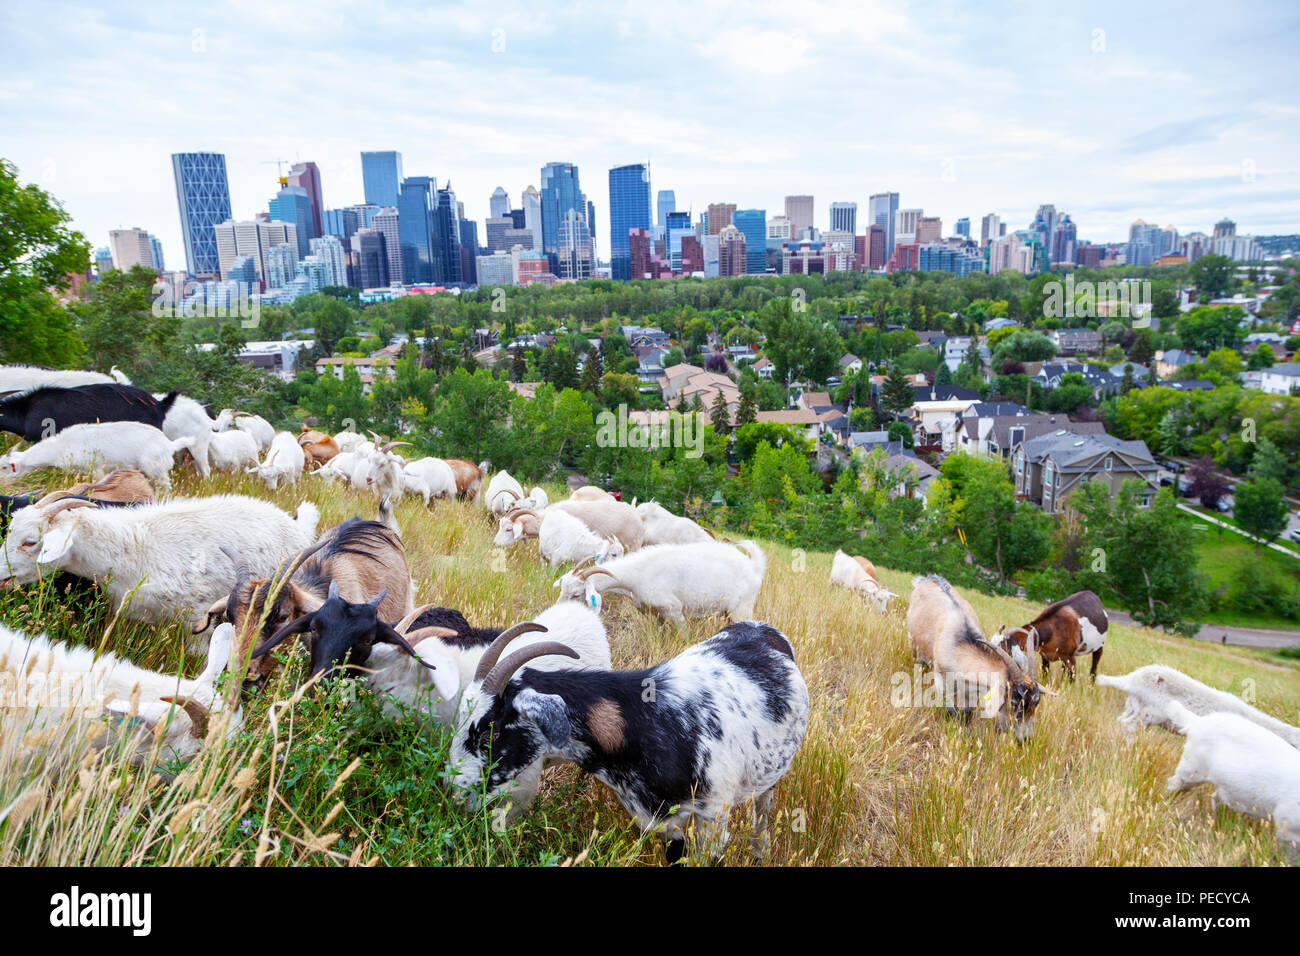 Ziegen fressen Unkraut in einem Calgary Park als Teil der gezielten Beweidung der Plan der Stadt für invasive Unkräuter Management mit umweltfreundlichen friendl Stockbild